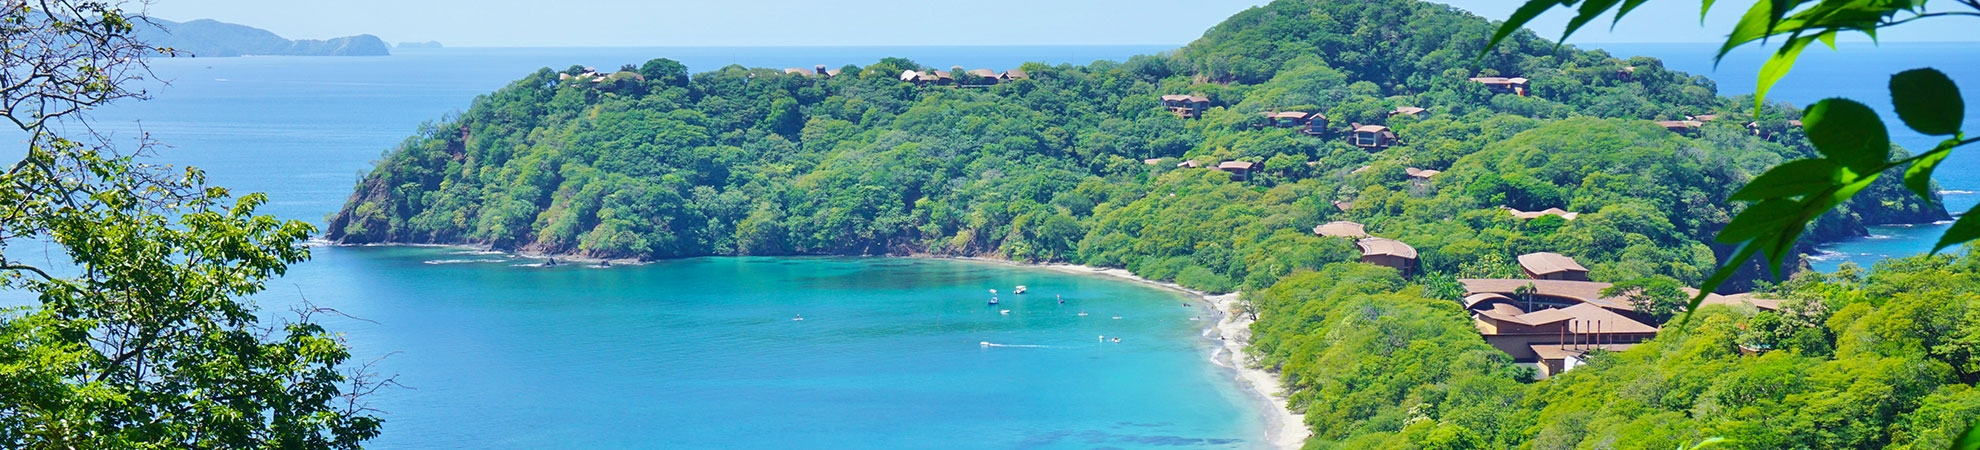 Voyage Péninsule de Papagayo - Costa Rica